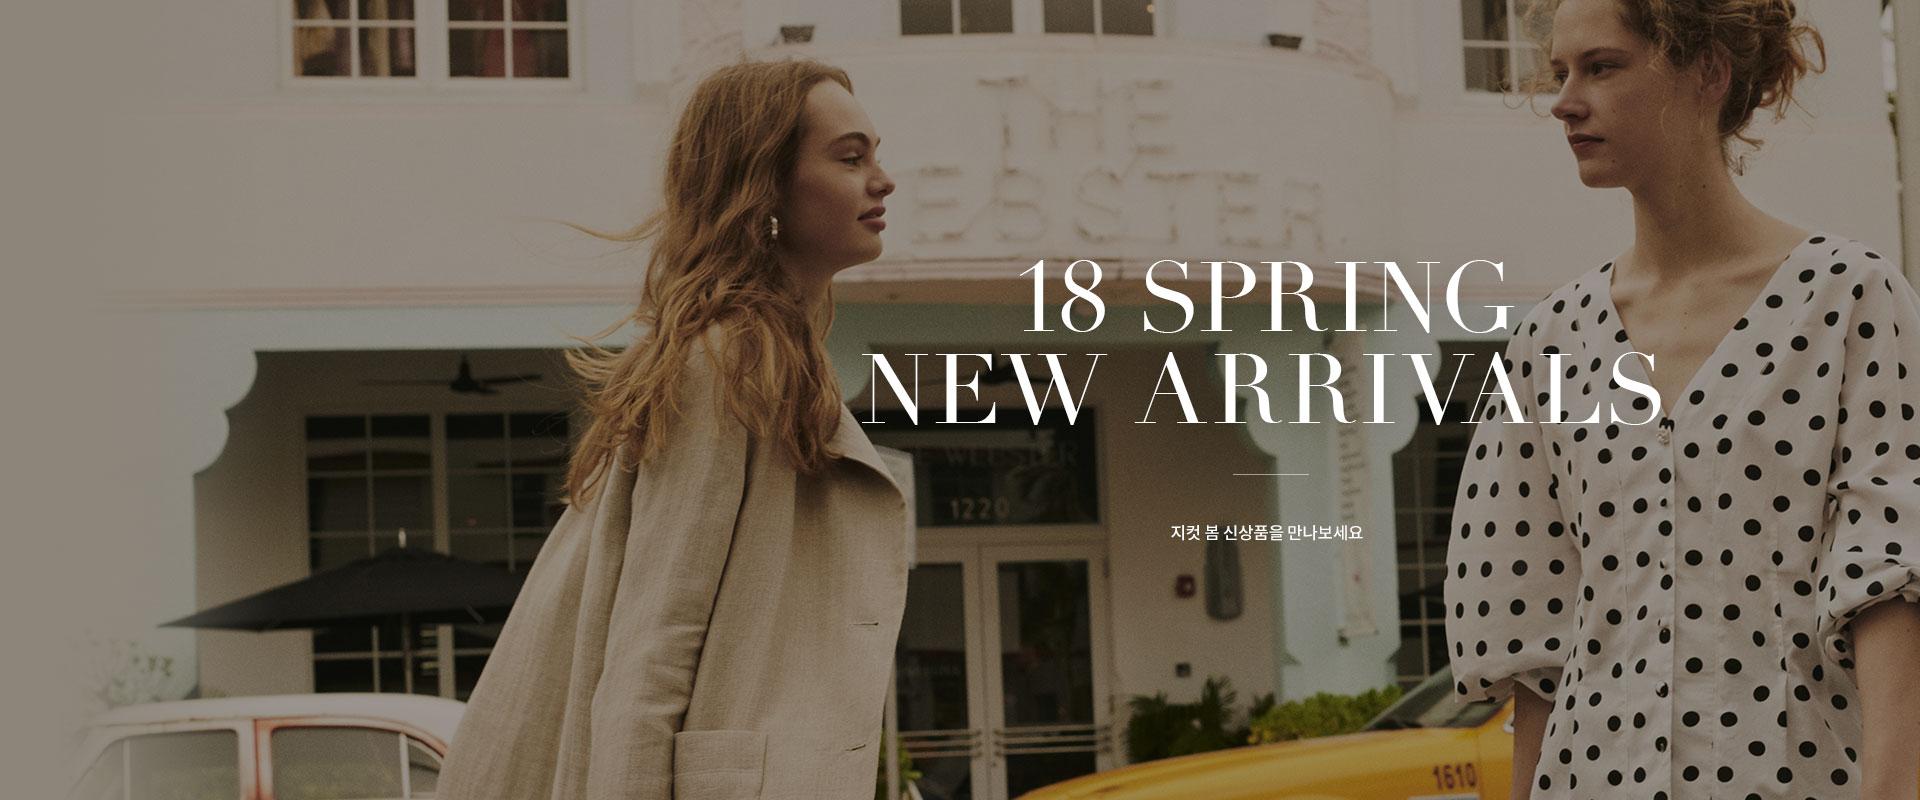 18 spring new in